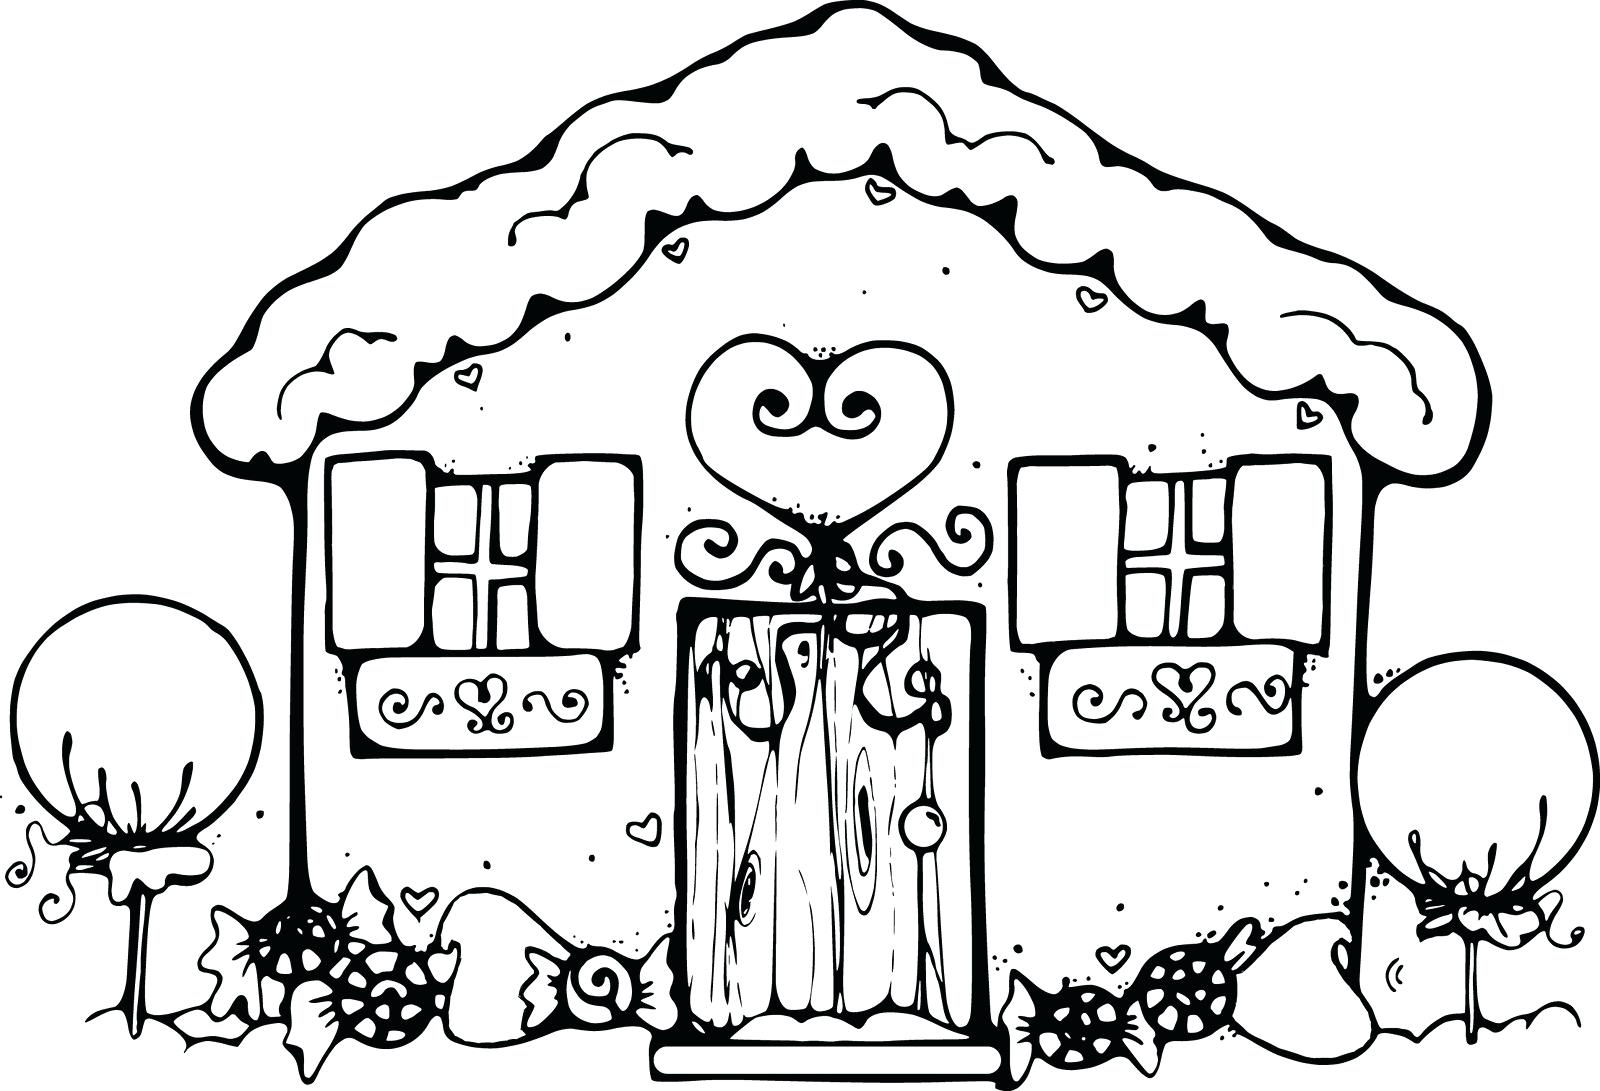 Tranh tô màu dành cho bé hình ngôi nhà